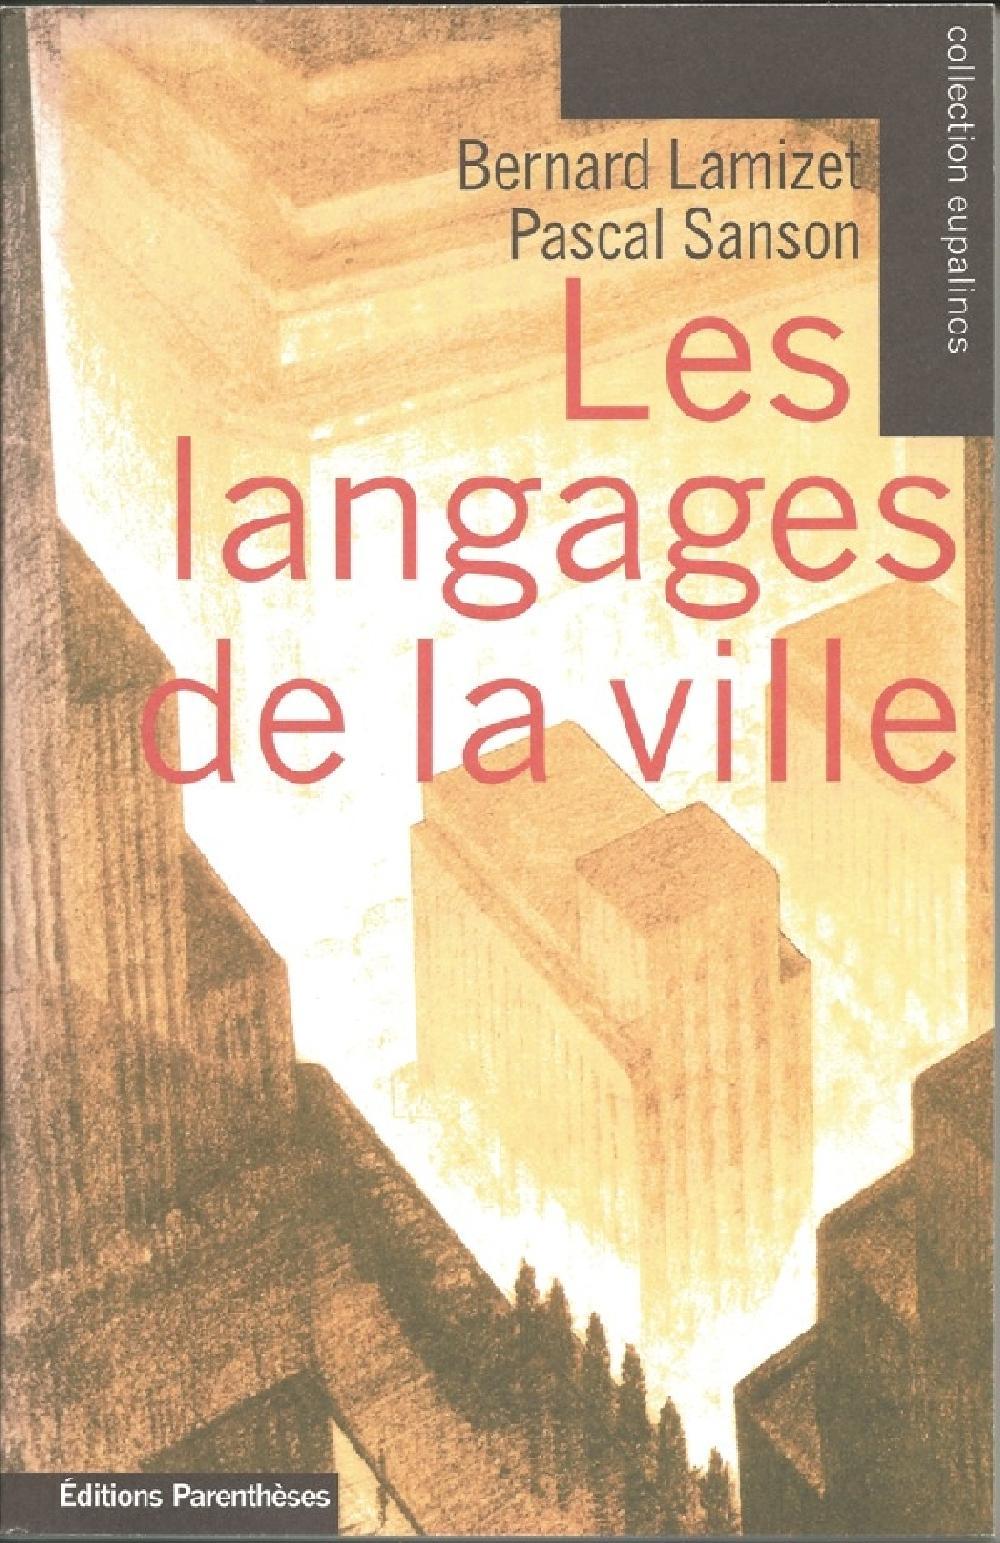 Les langages de la ville